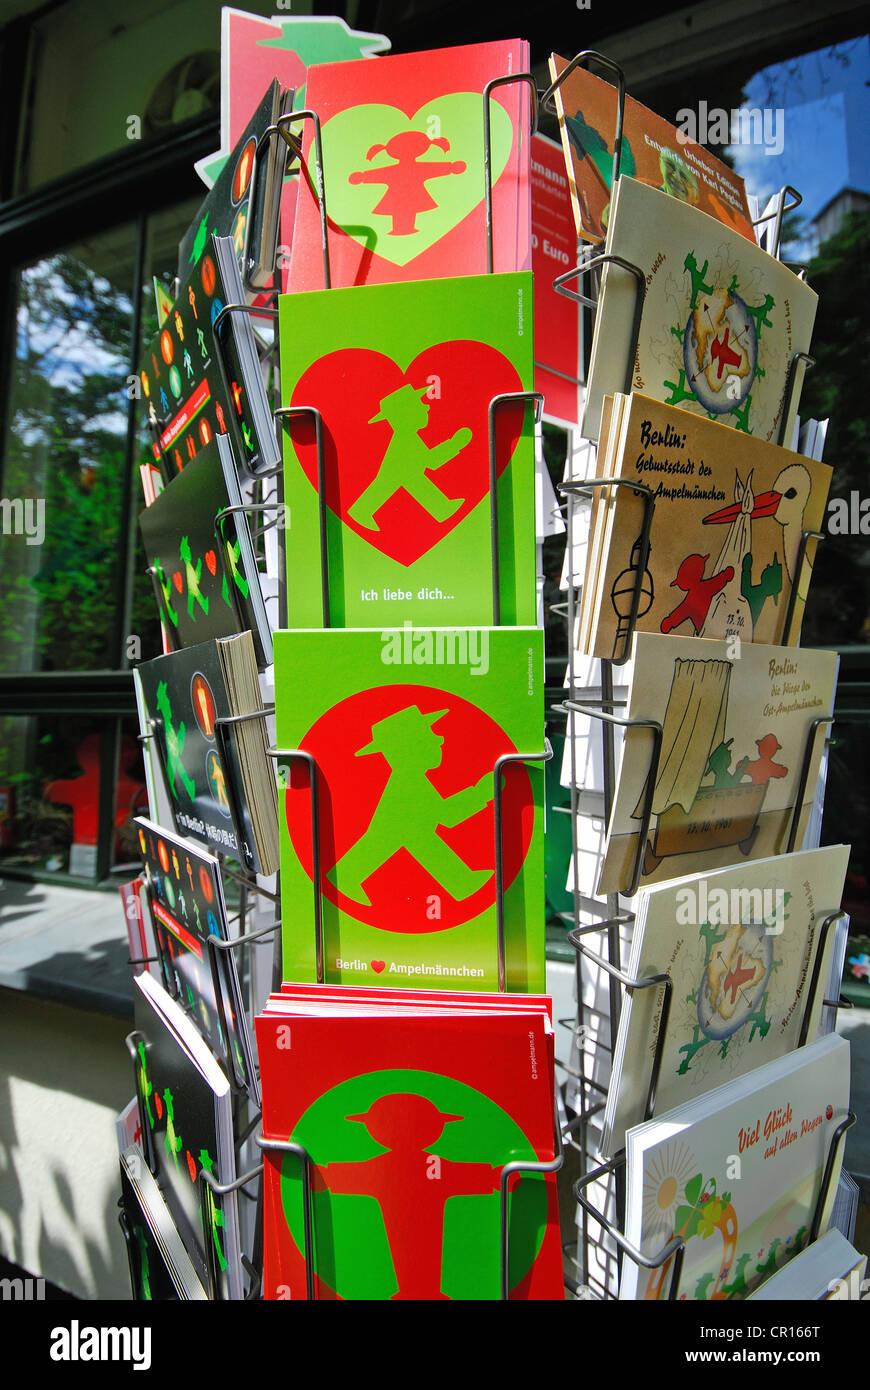 BERLIN, DEUTSCHLAND. Ampelmann-Postkarten im Ampelmann Galerie Shop in den Hackeschen Hofe (Bezirk Mitte). 2012. Stockfoto